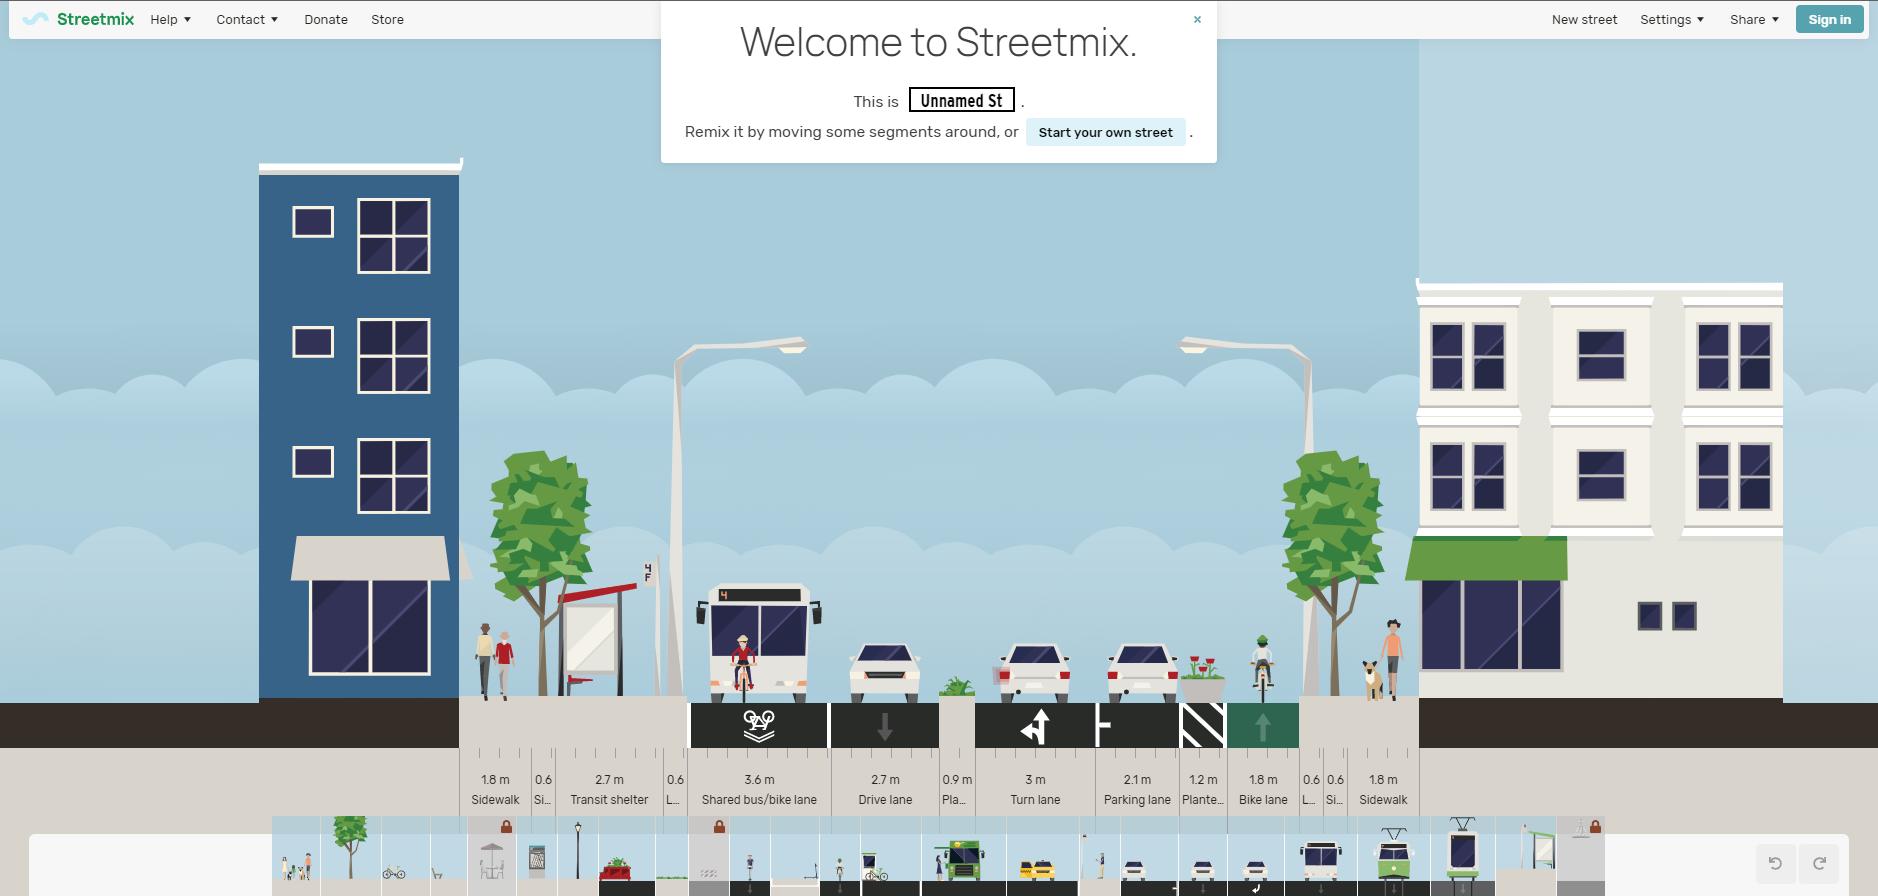 Streetmix